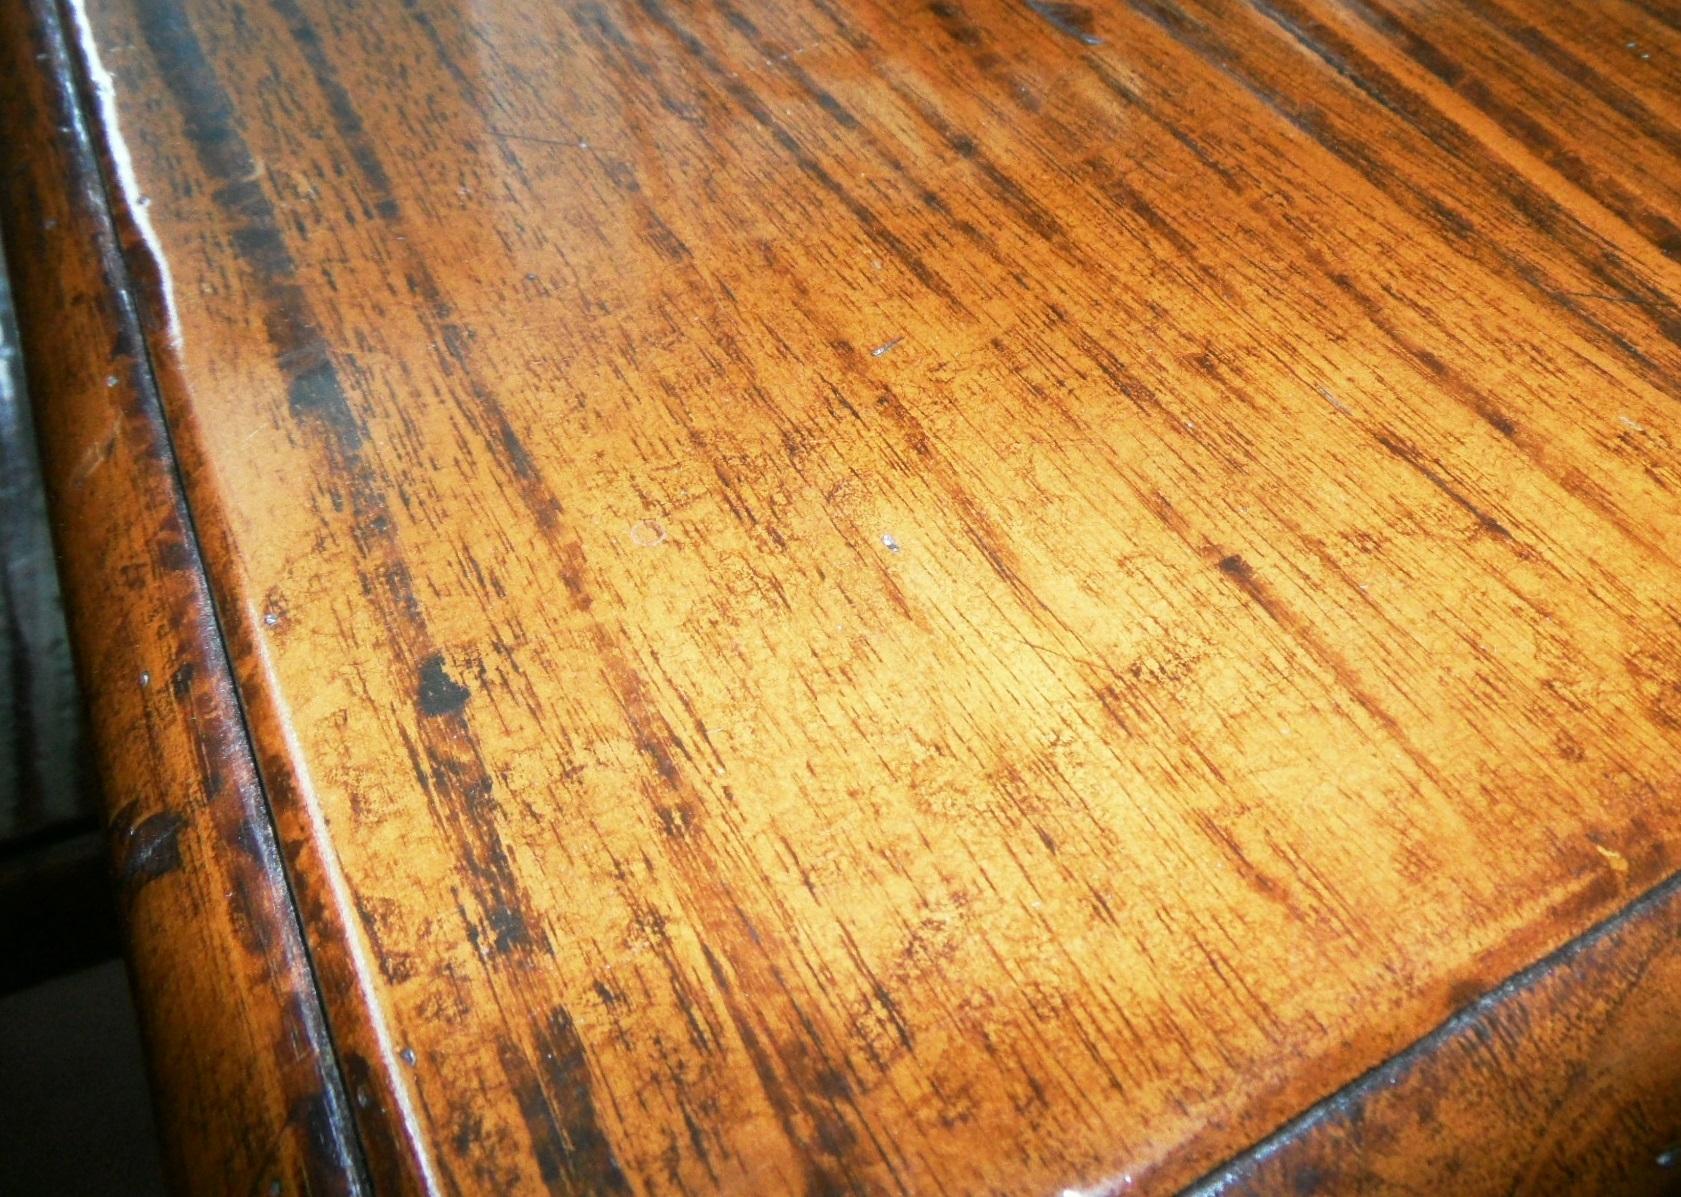 Tavoli E Sedie Cucina Ikea : Tavoli e sedie cucina ikea. Tavoli e ...